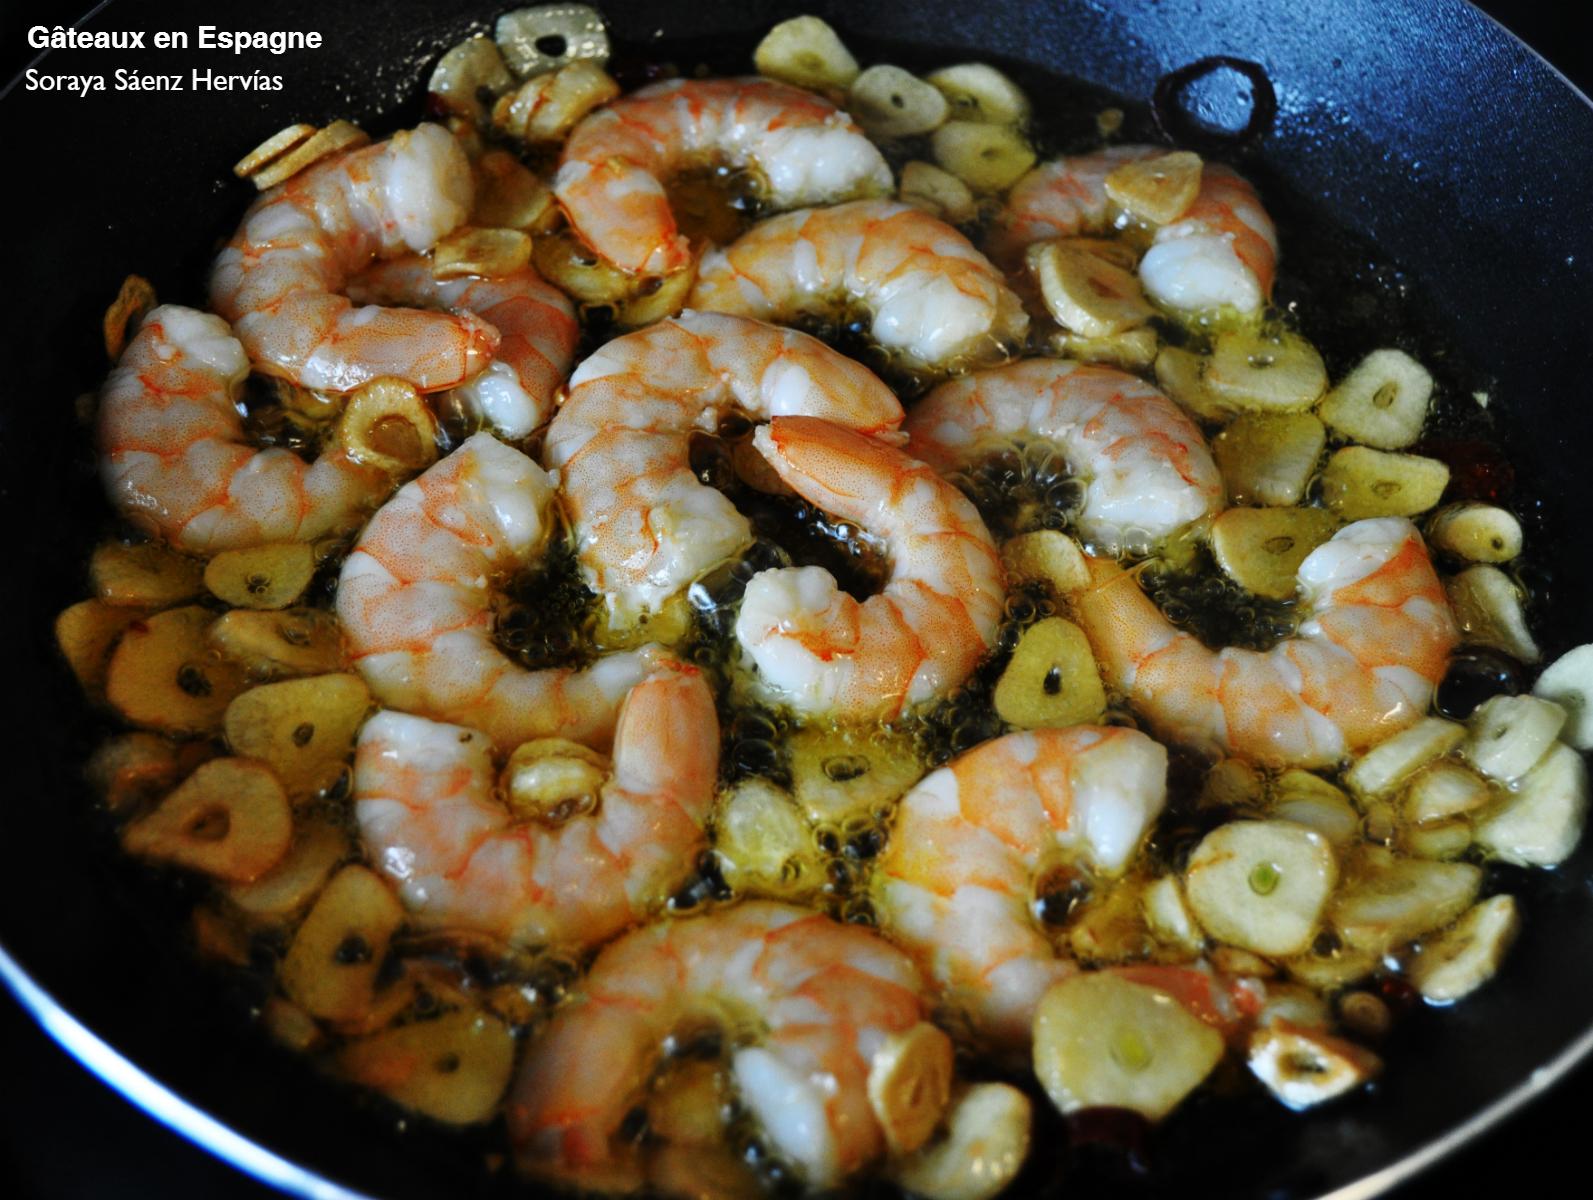 G teaux en espagne recette de crevettes l 39 ail l - Cuisiner gambas surgelees ...